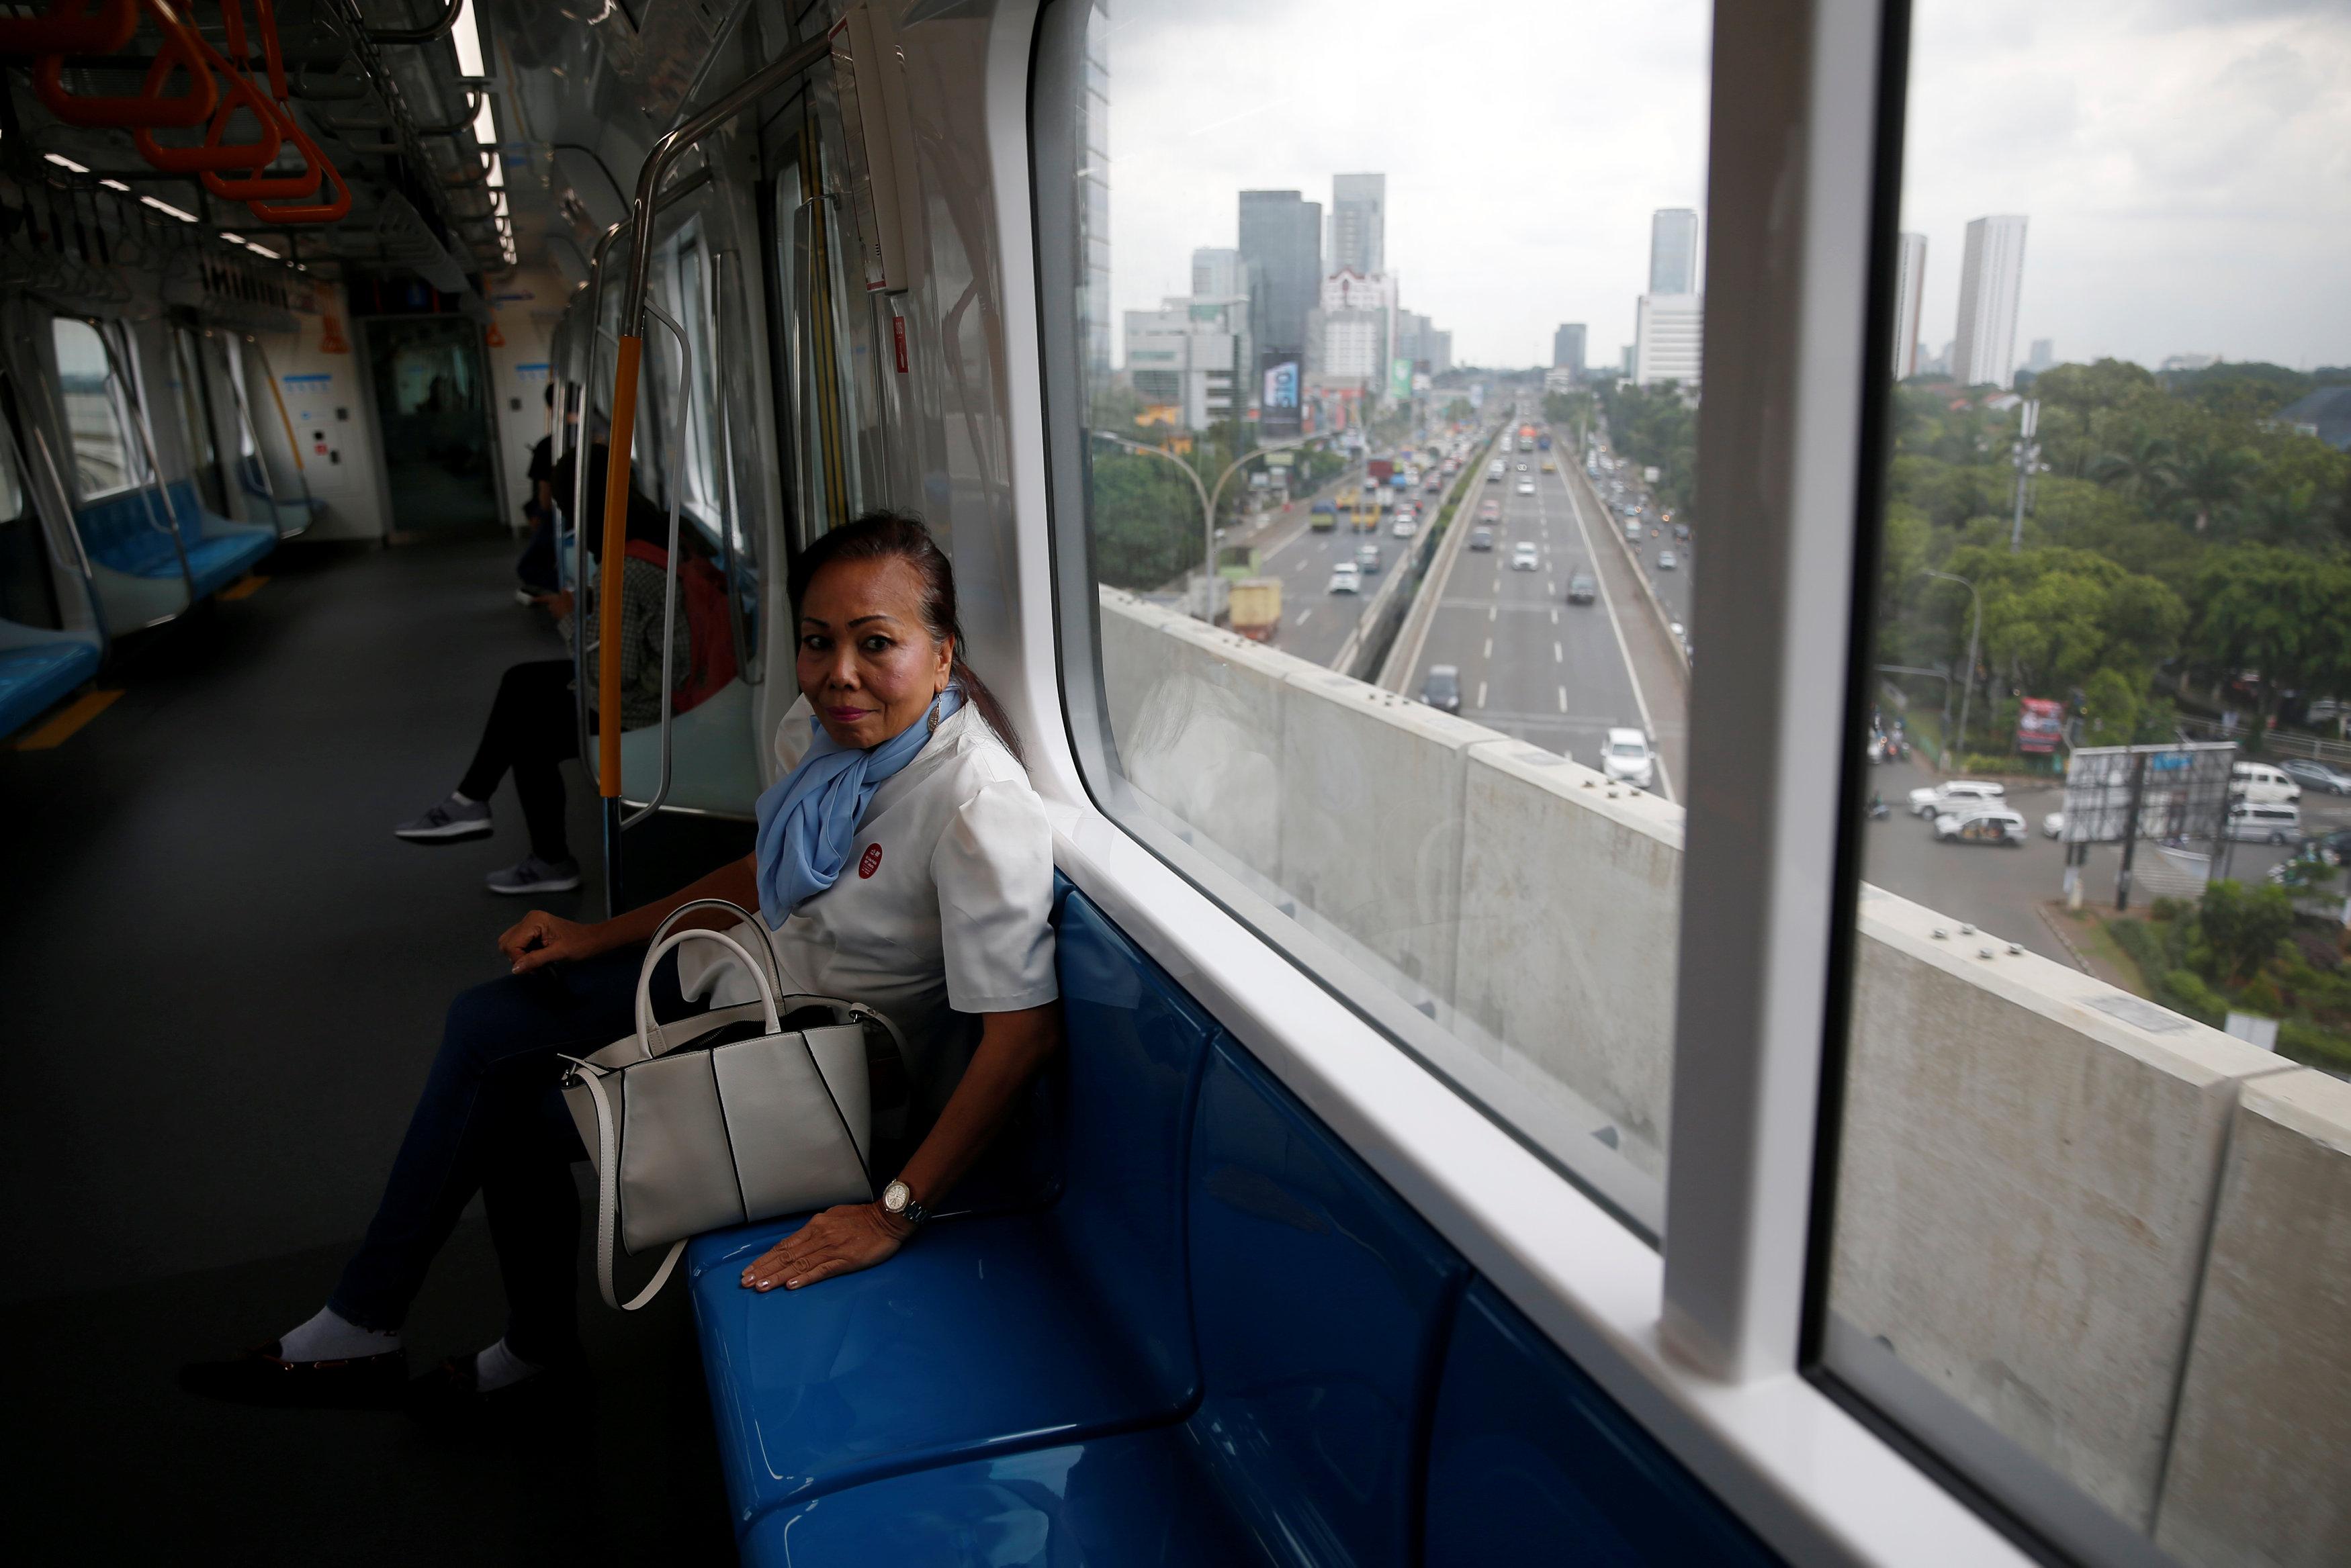 مواطنة تبدو سعيدة بتجربتها مع مترو الأنفاق فى أندونيسيا